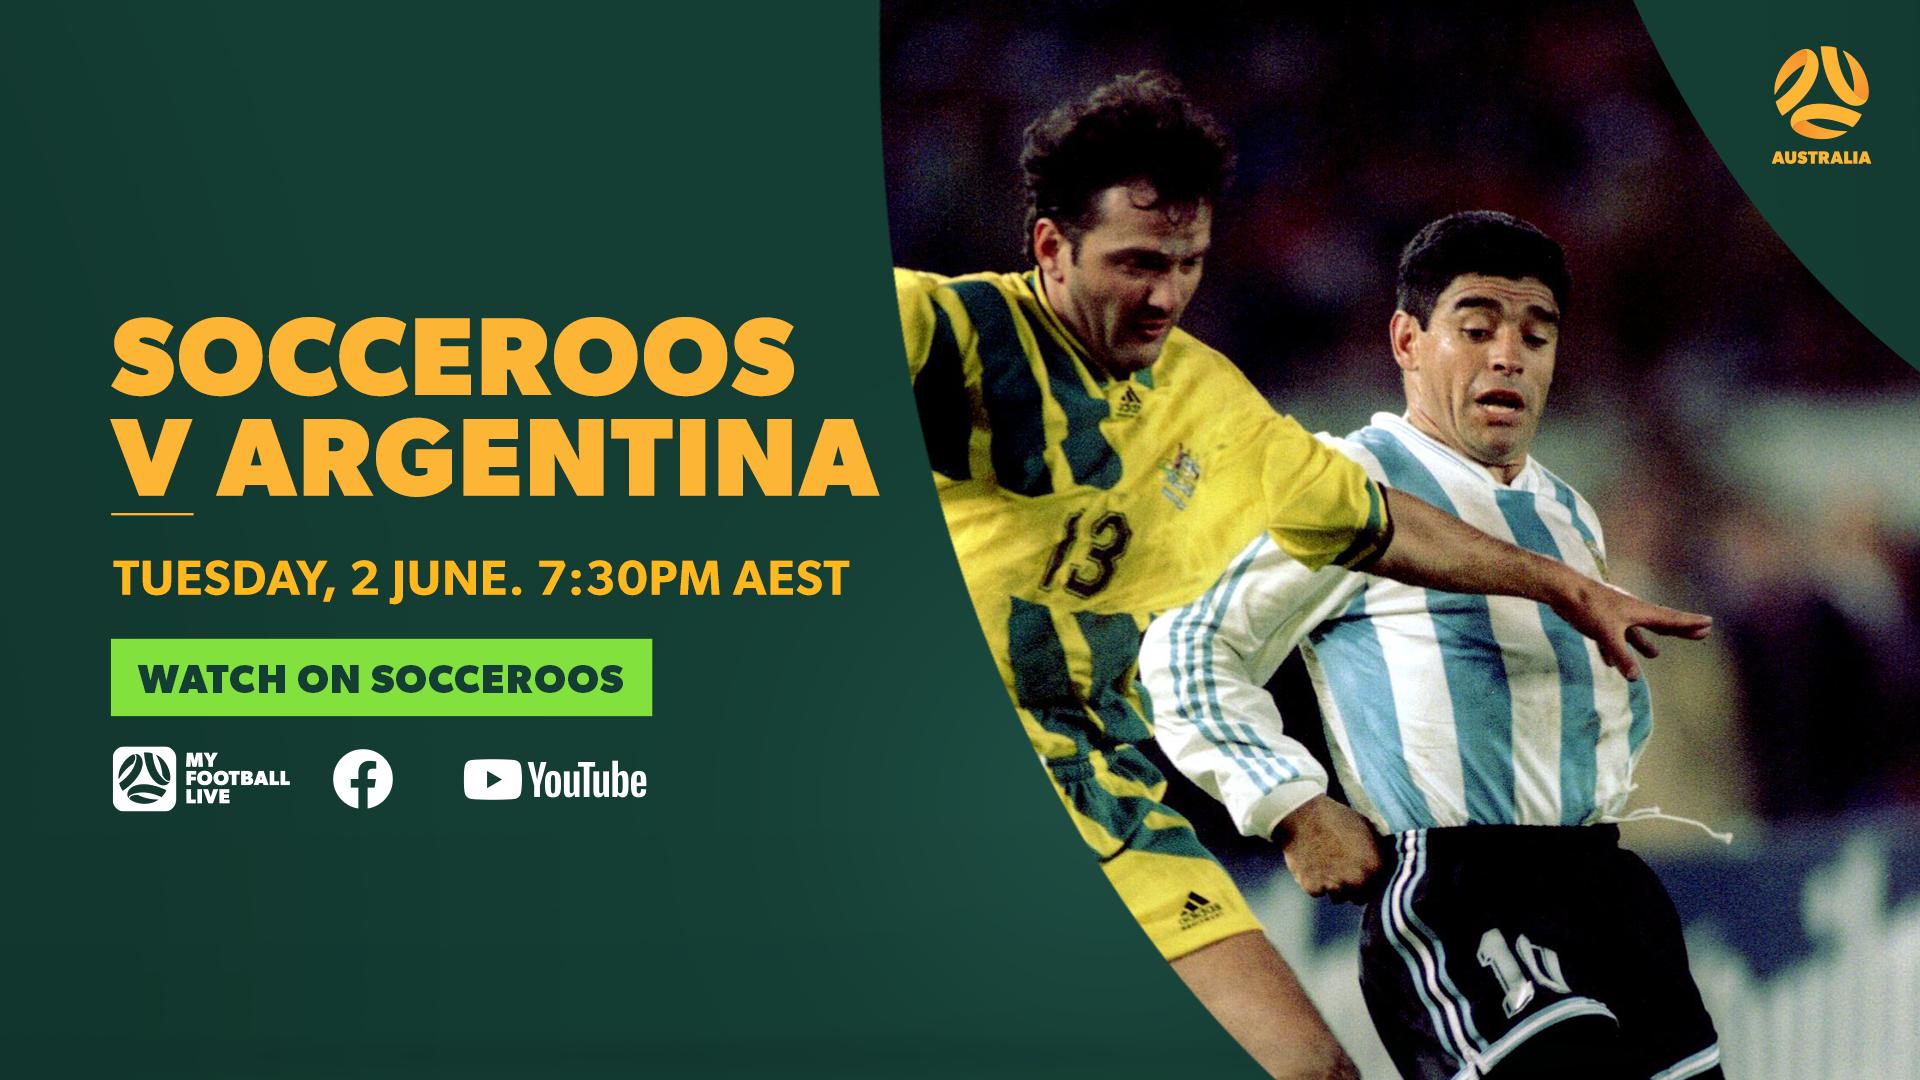 Match Preview Socceroos V Argentina Socceroos